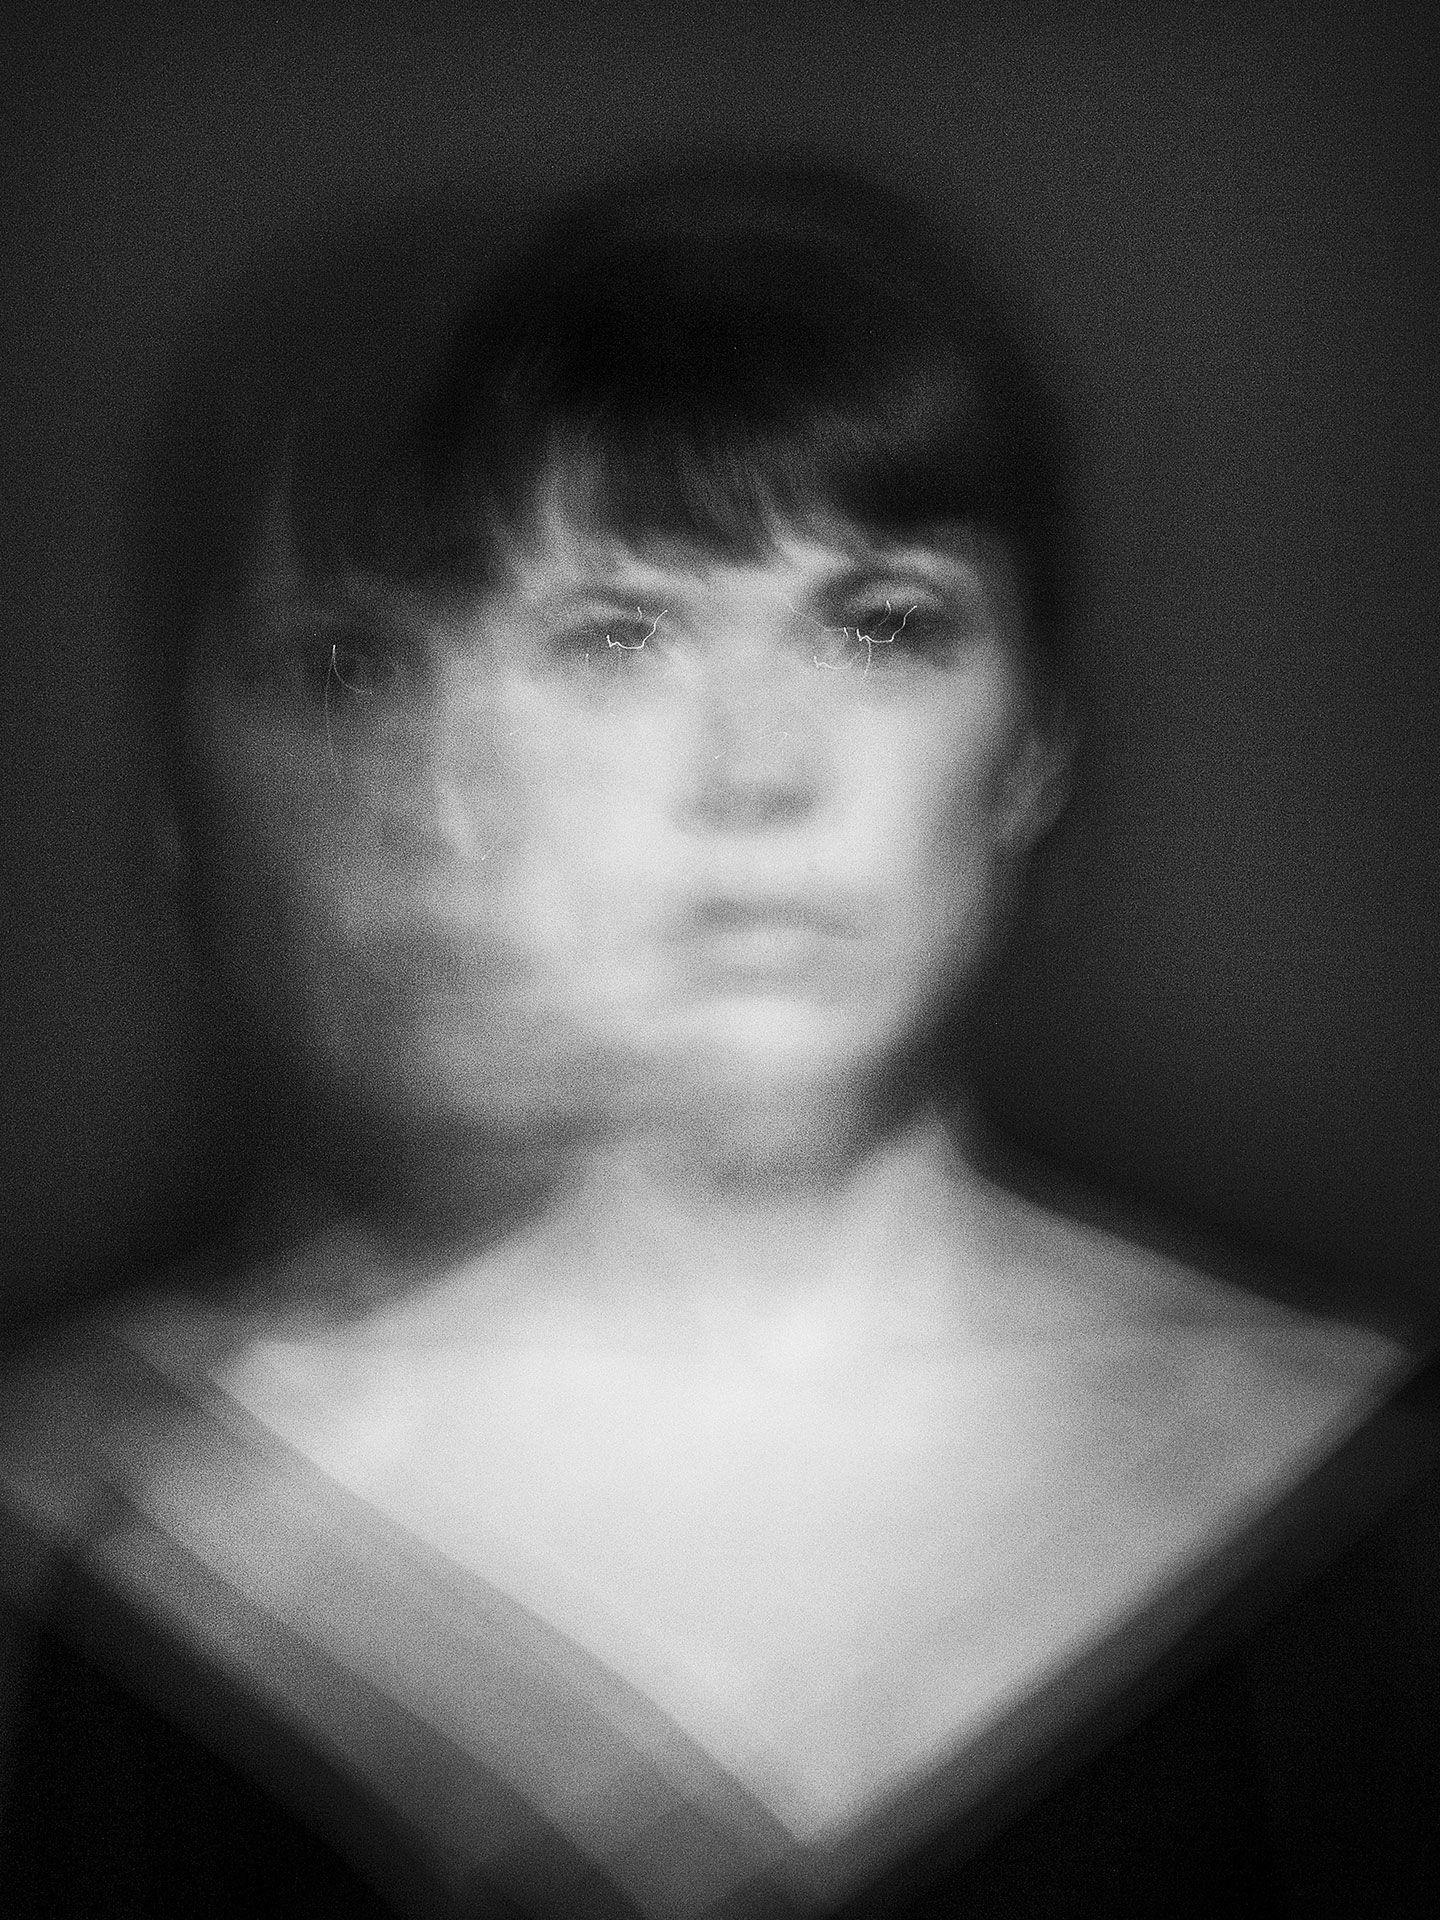 Portrait noir blanc flou de l'actrice Anne Dorval.